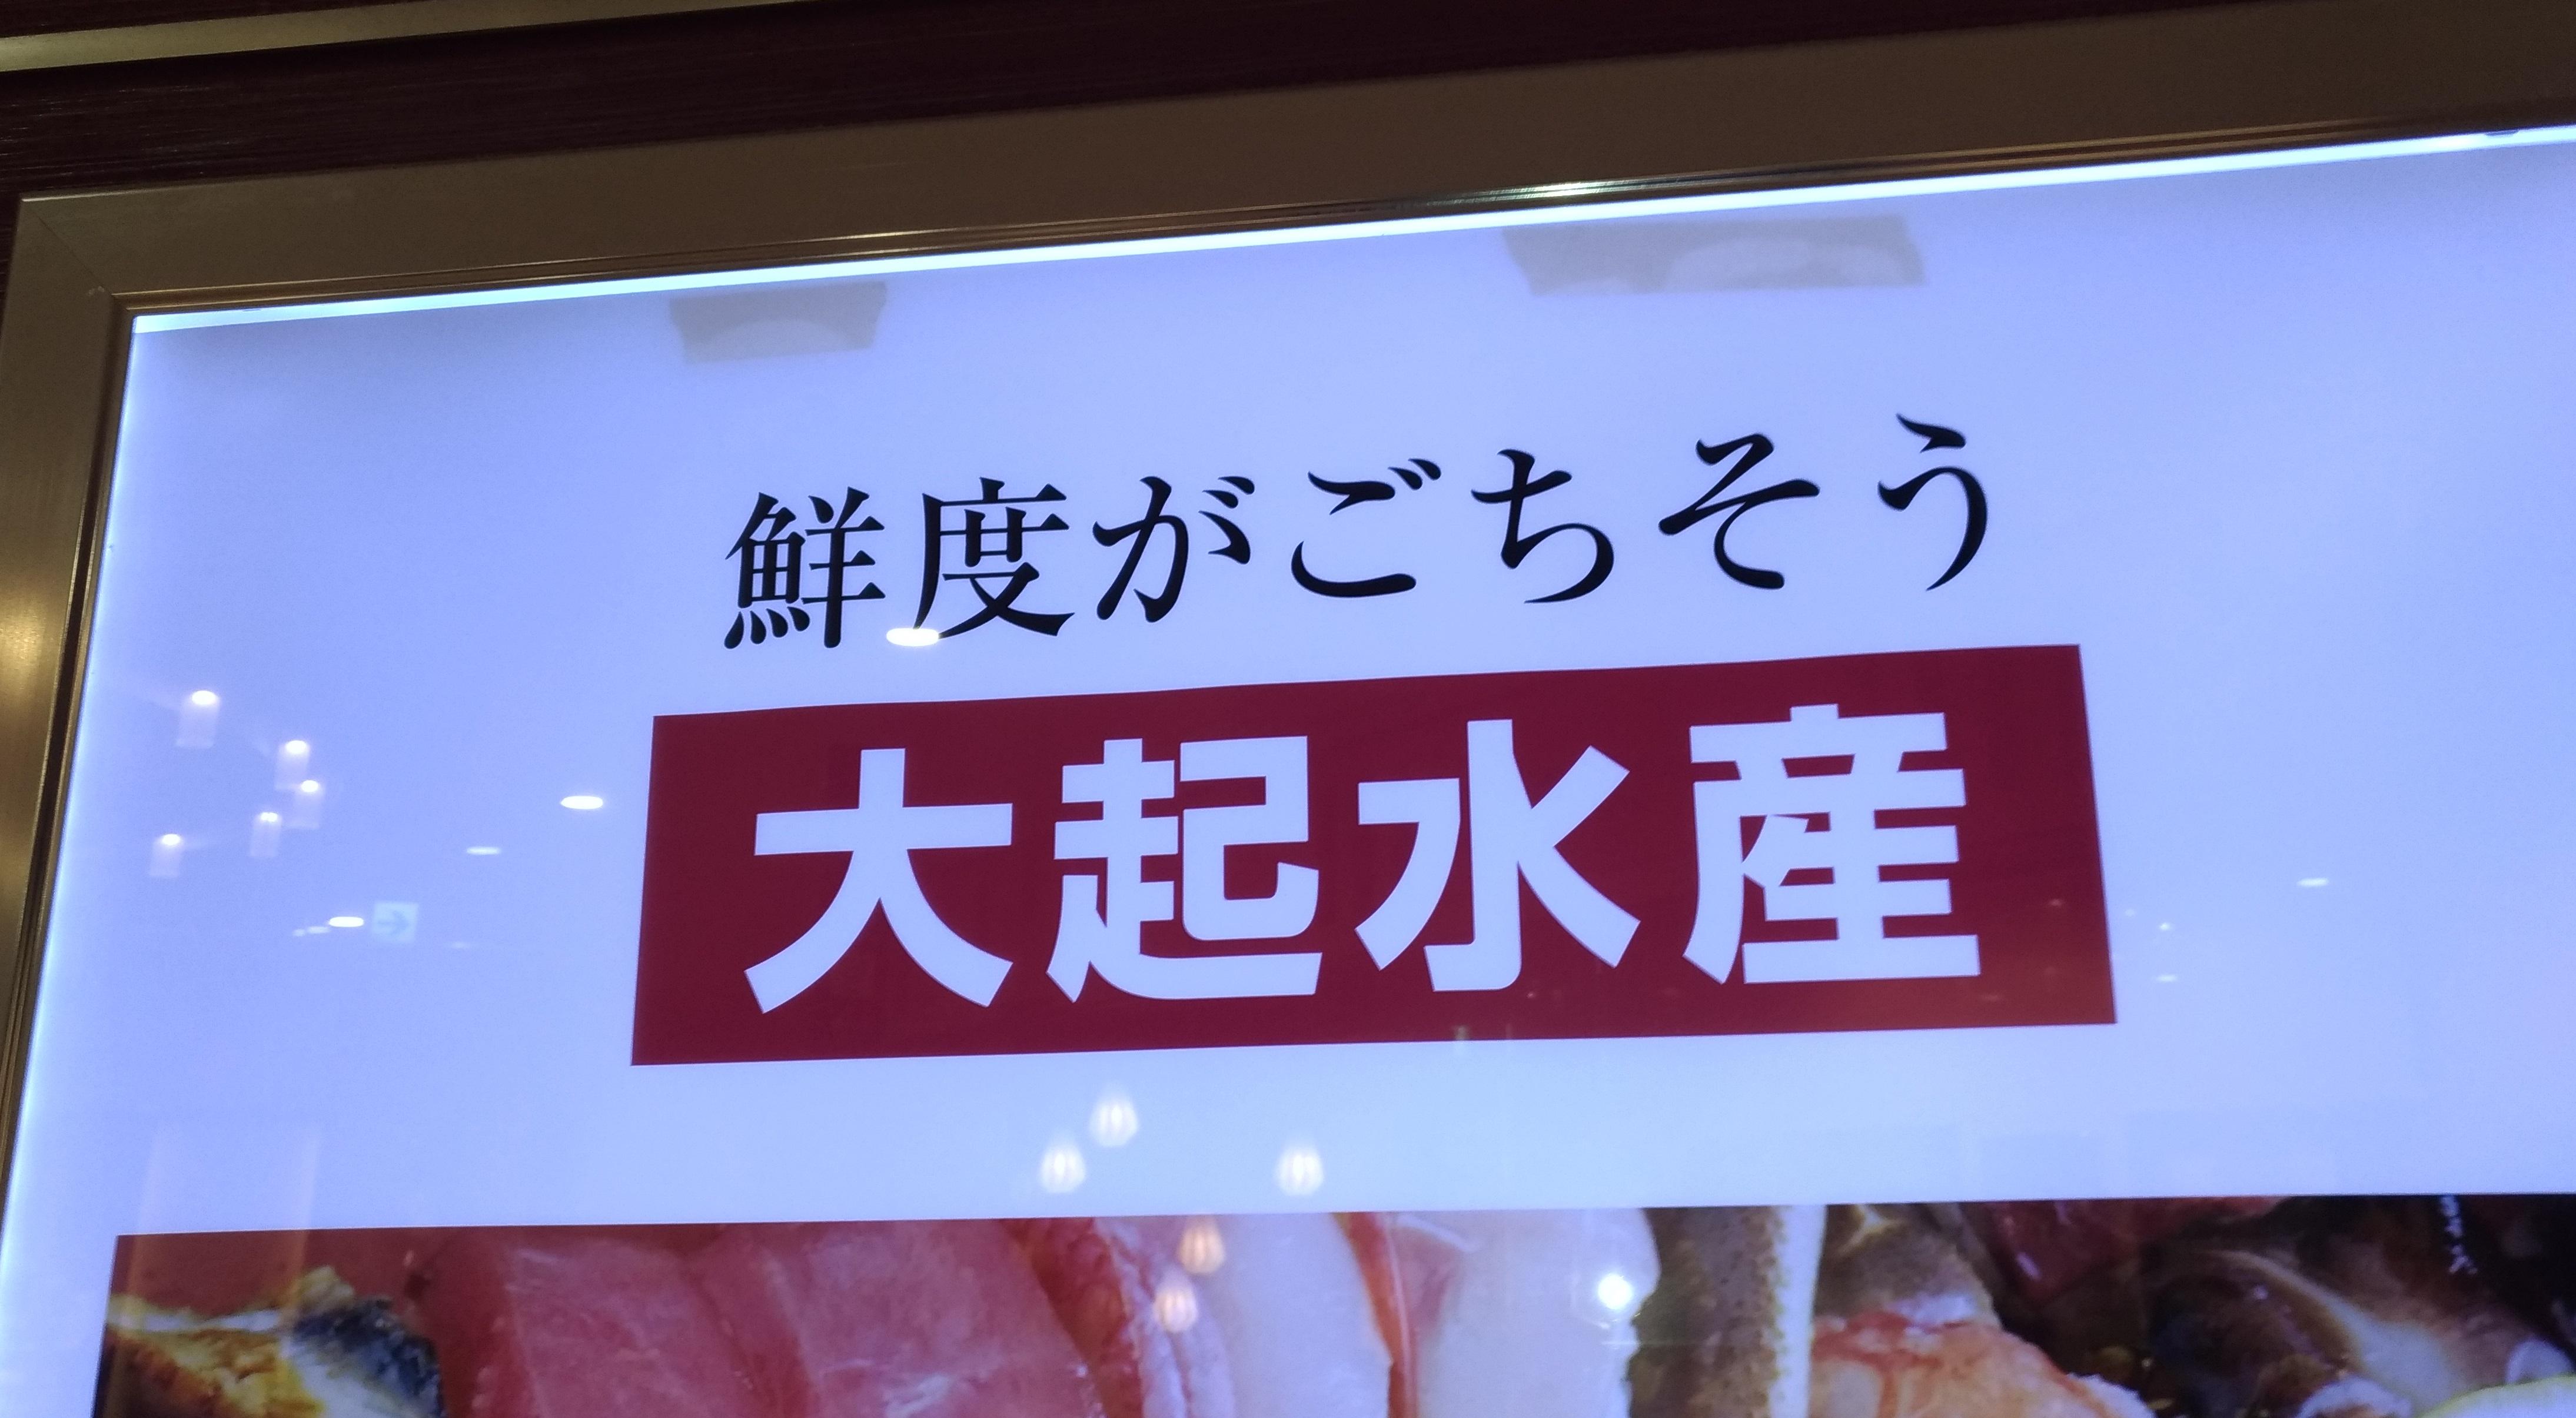 sushi_kaiten_daiki_suisan_.jpg